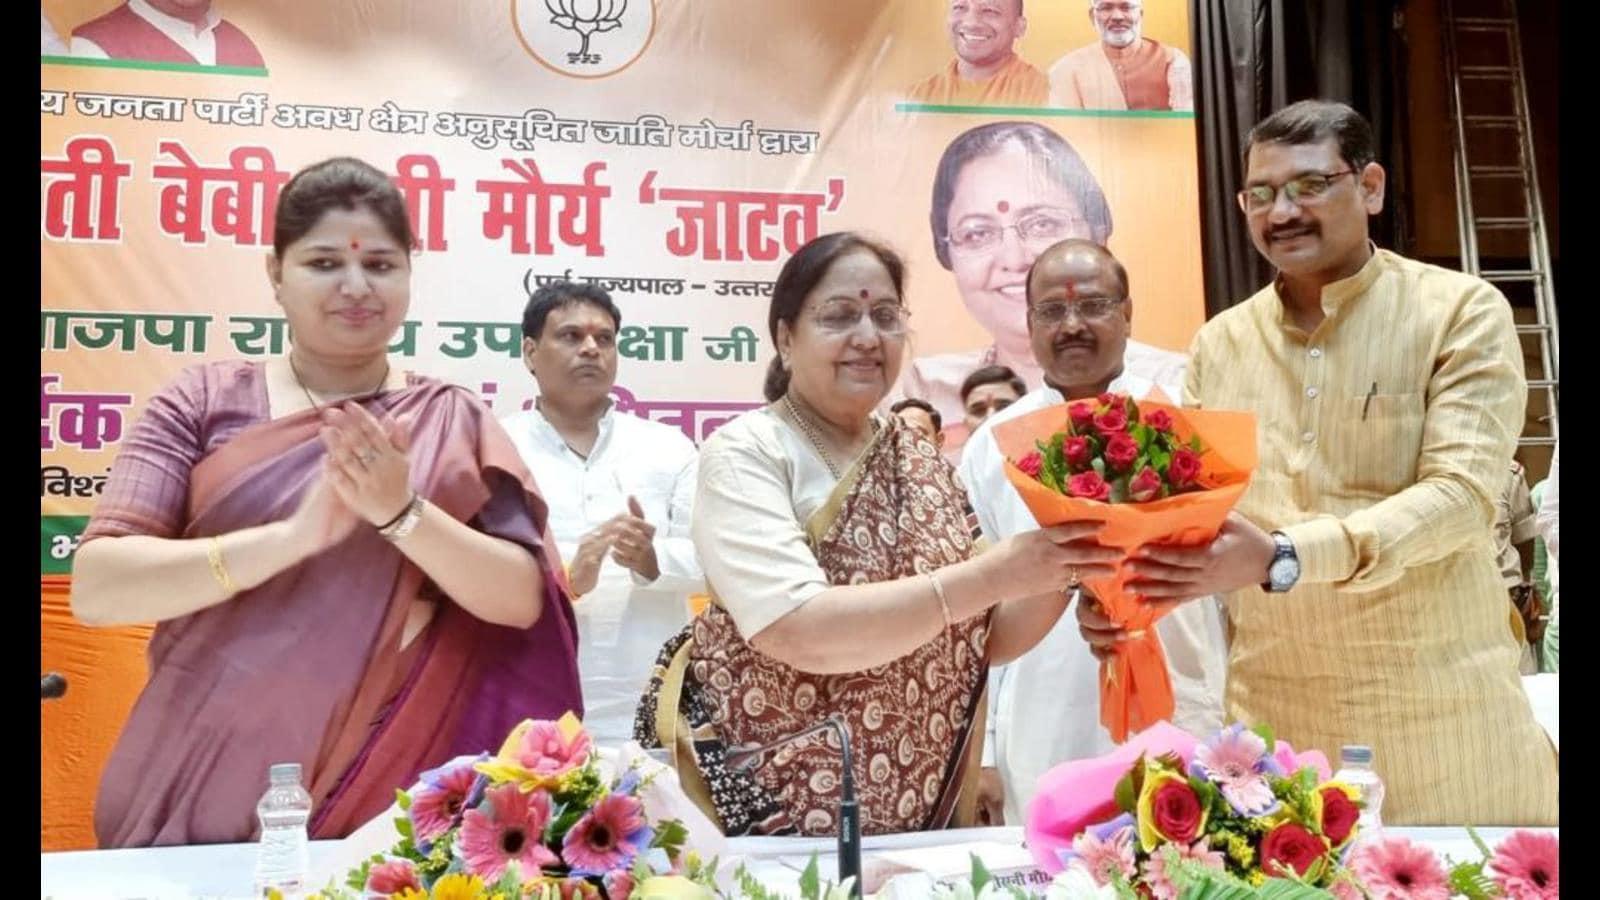 Ahead of 2022 UP polls, BJP unveils its 'Jatav' face against BSP